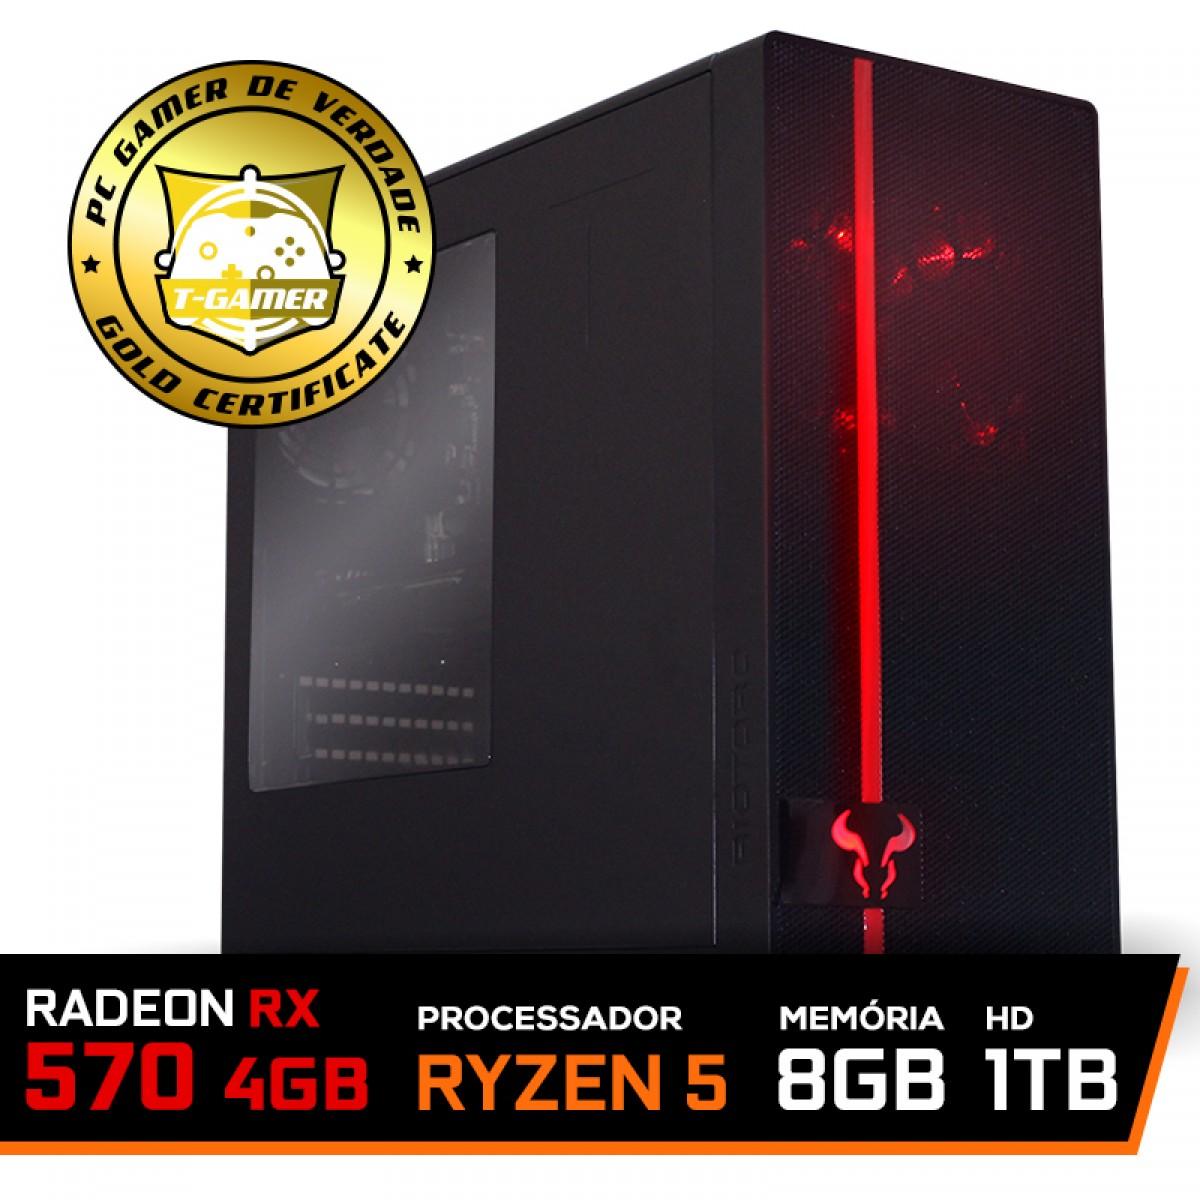 Pc Gamer T-Commander Lvl-6 Amd Ryzen 5 2600 / RADEON RX 570 4GB / DDR4 8GB / HD 1TB / 500W